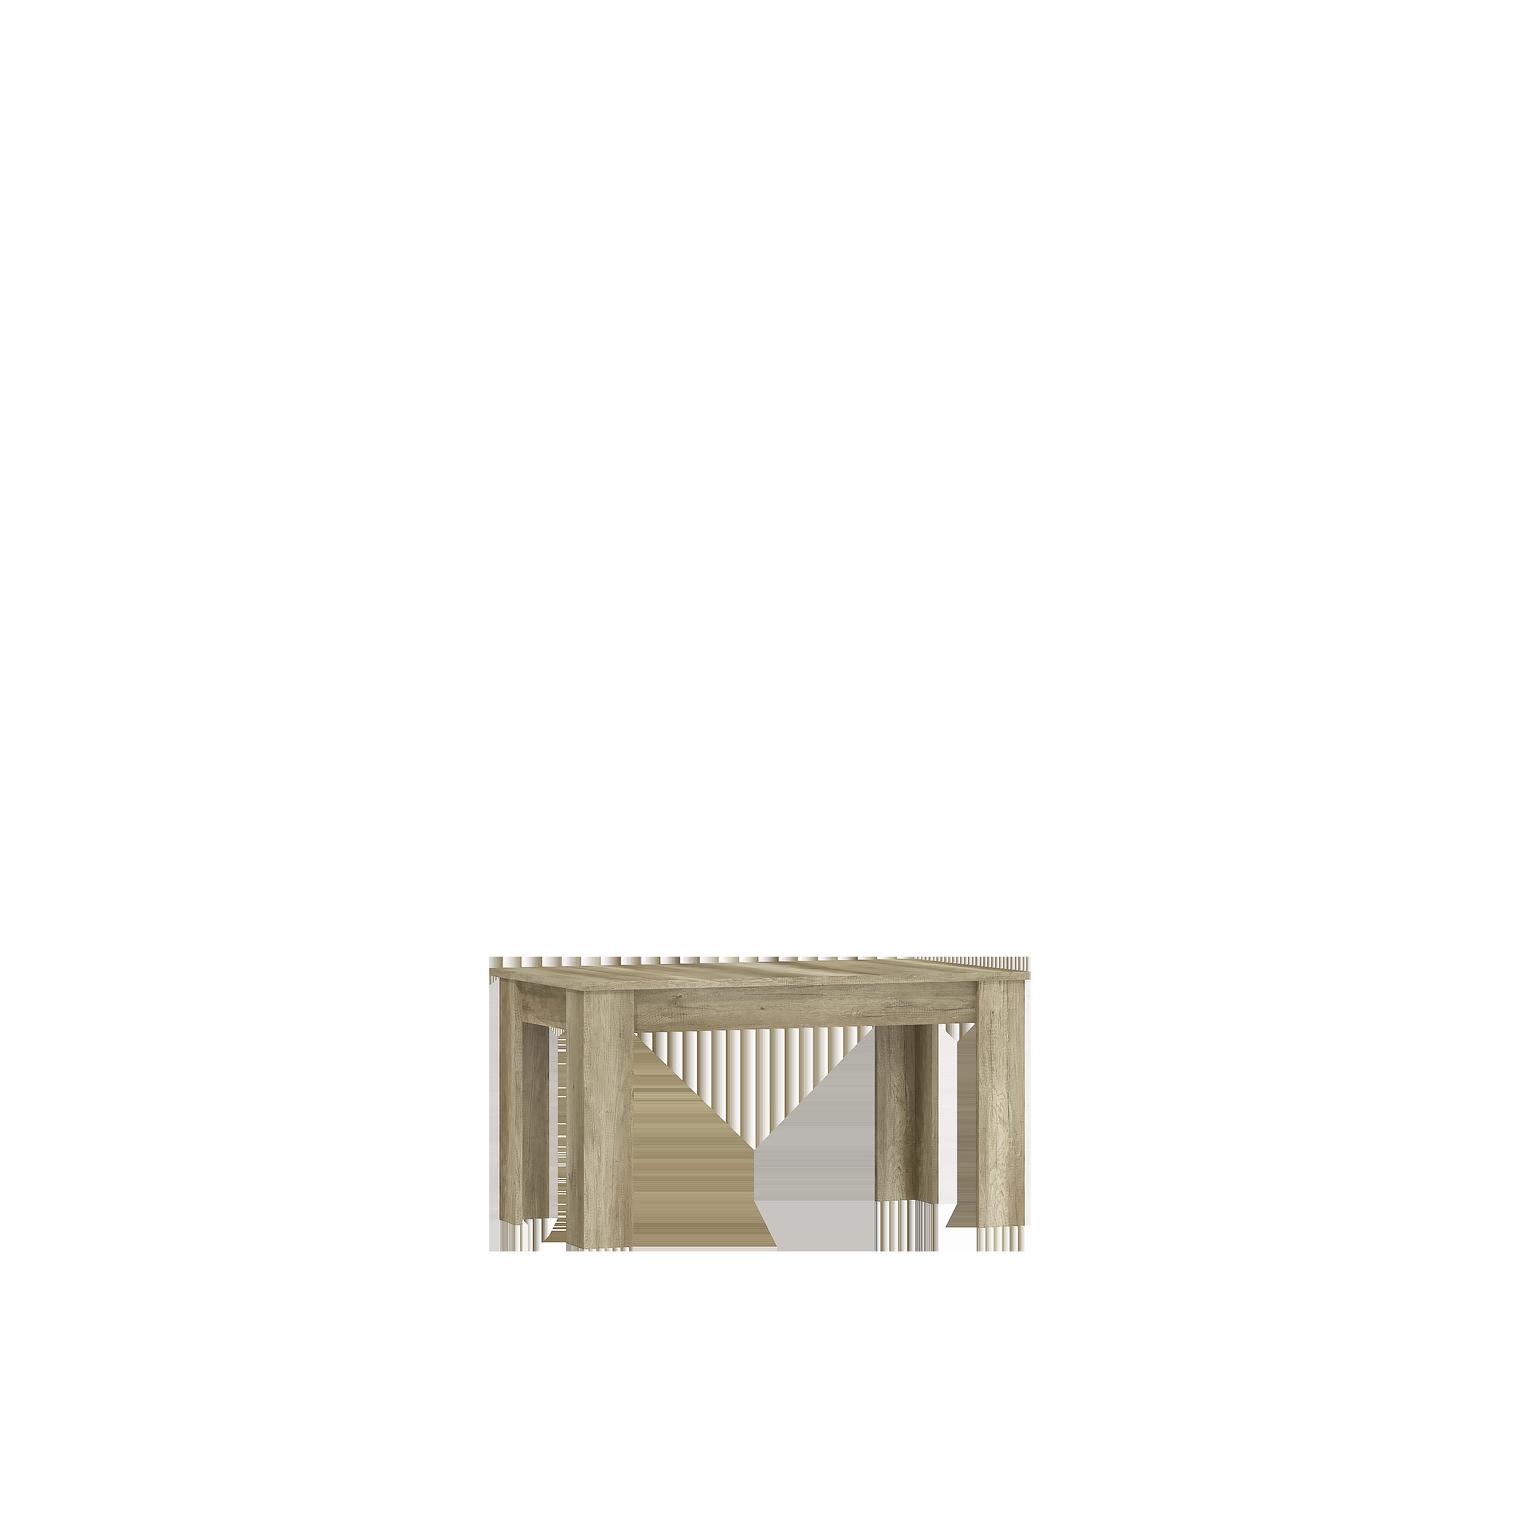 Jedálenský stôl - Skat - L140 (country sivé) (6 až 8 osôb). Akcia -32%. Vlastná spoľahlivá doprava až k Vám domov.